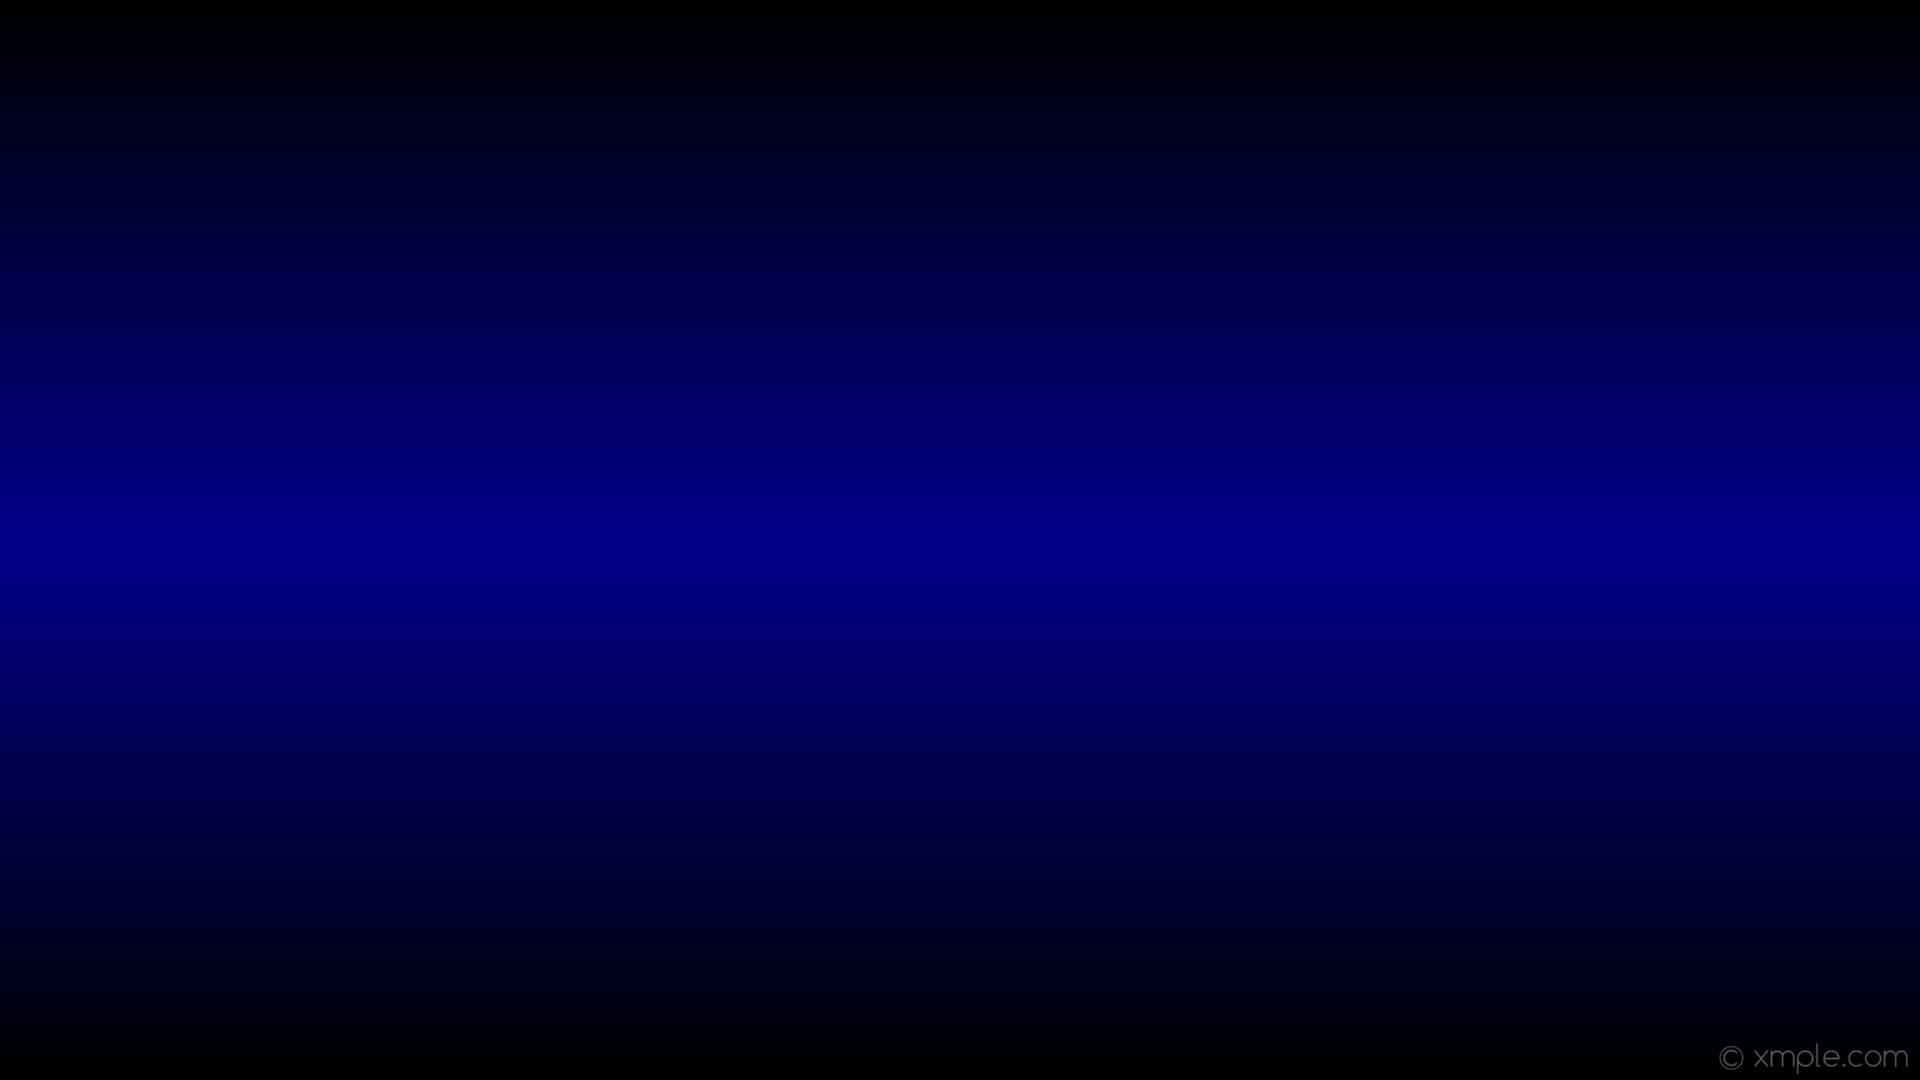 wallpaper linear black highlight blue gradient dark blue #000000 #00008b  270° 50%